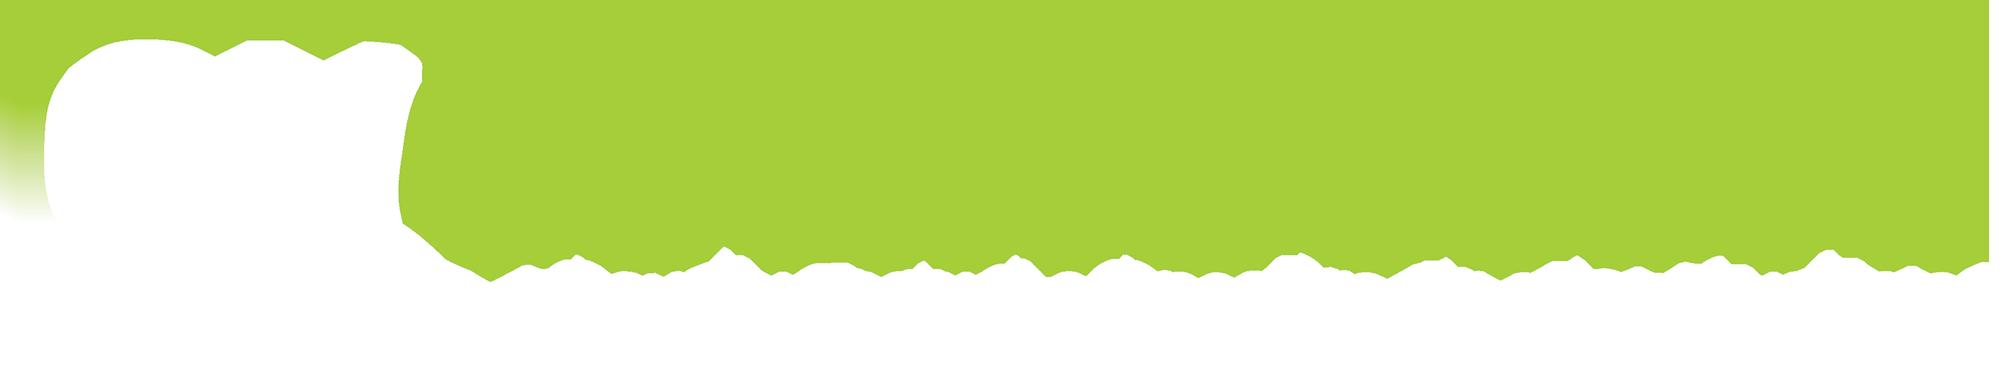 Ev Connectors Discount Codes & Deals